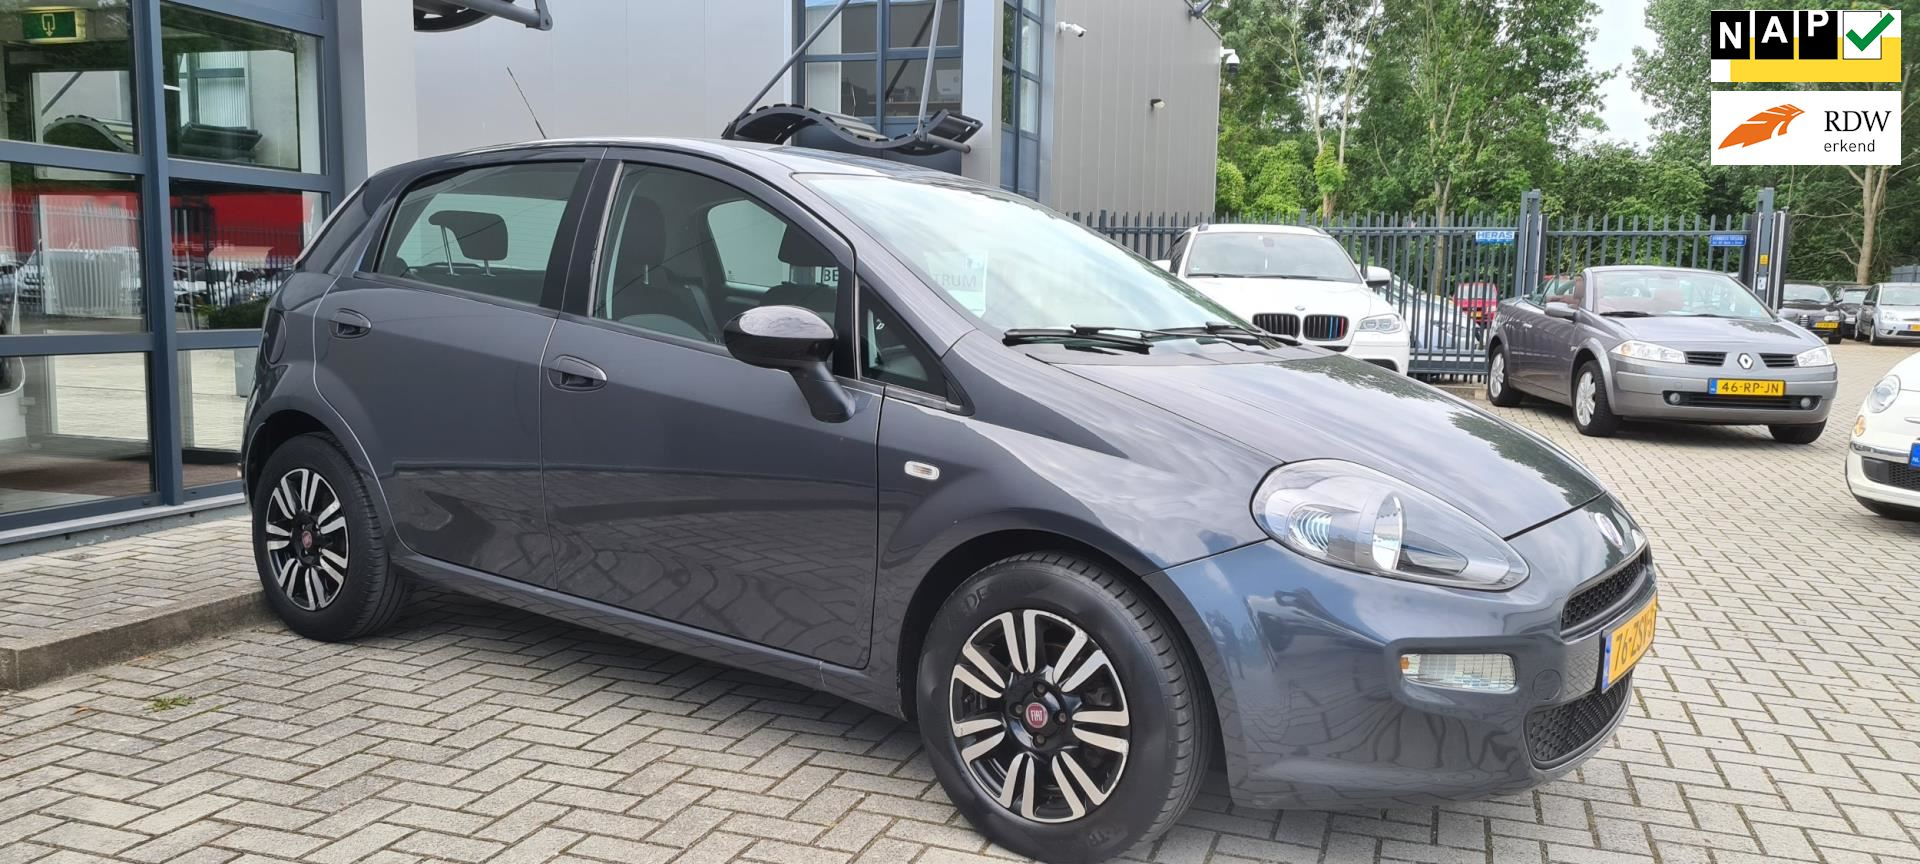 Fiat Punto Evo occasion - Weerterveld Auto's